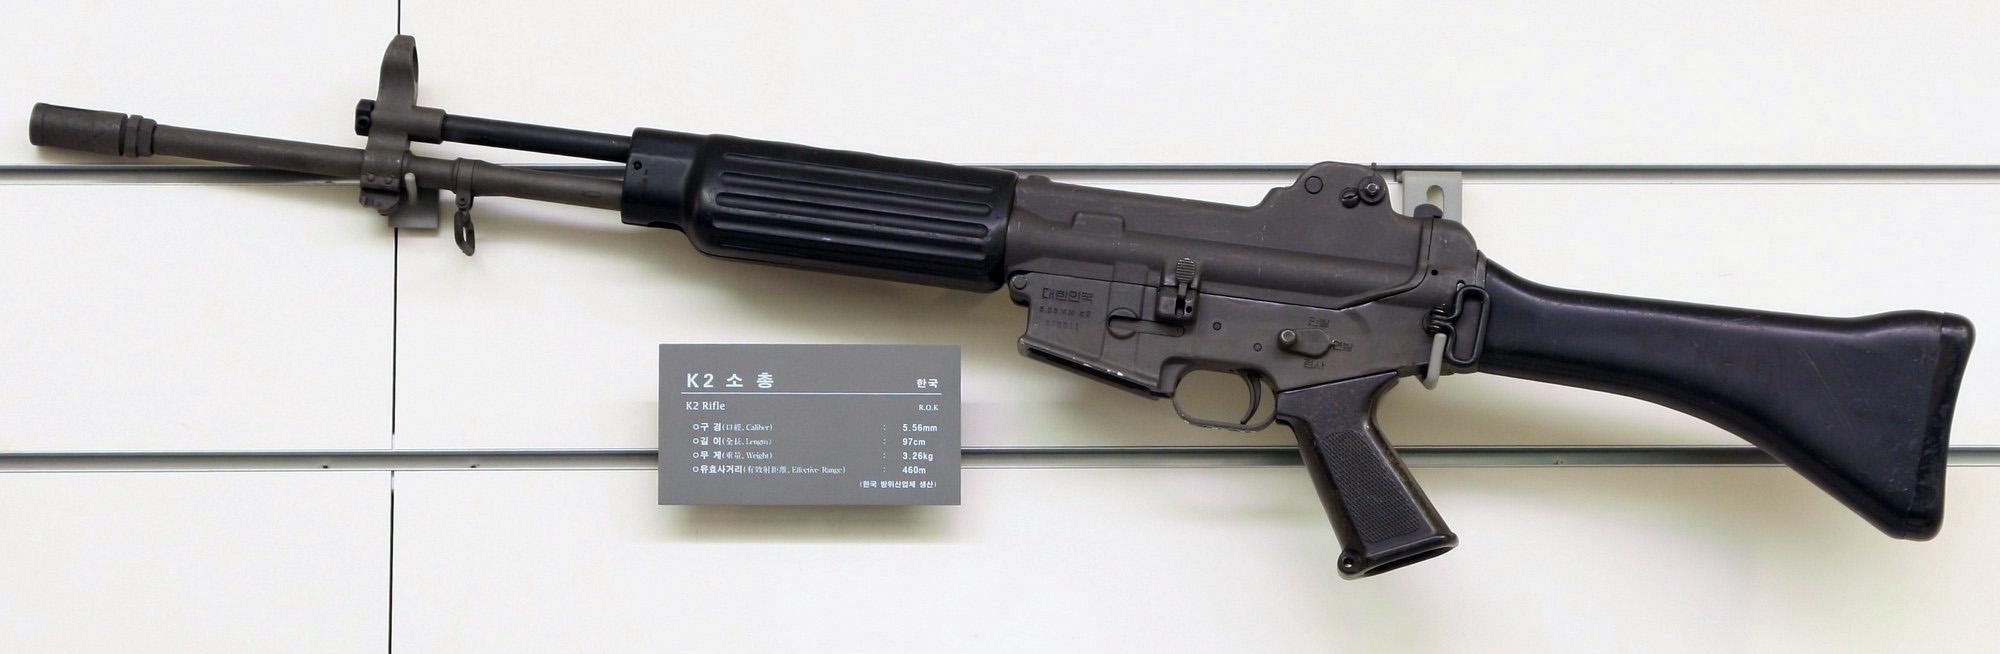 The ROK's K2 assault rifle